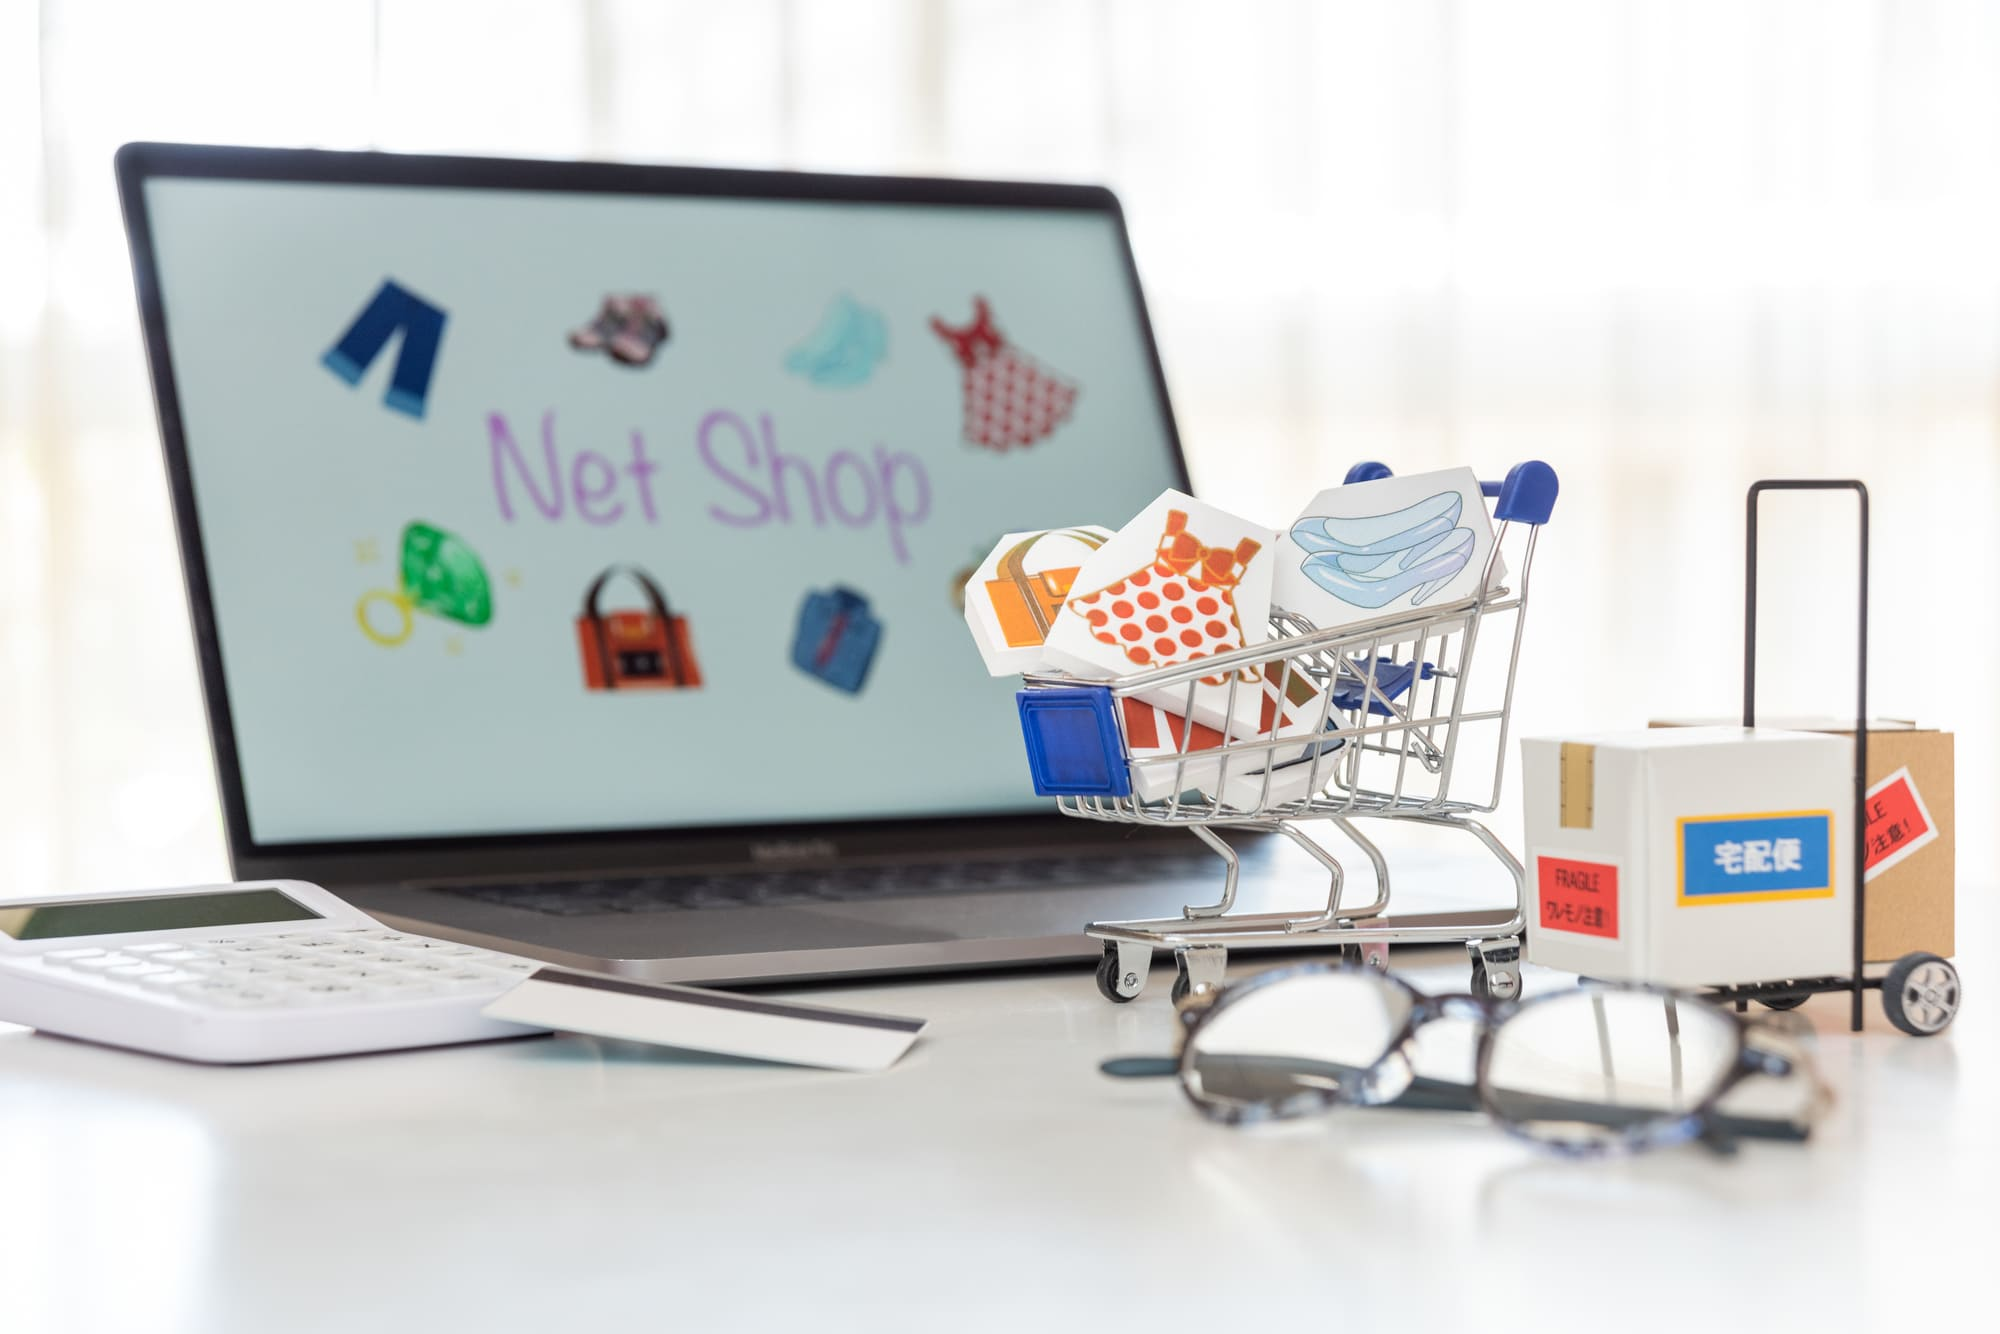 施術者さんのネットショップ開業ガイド!店販&ネット販売の重要性